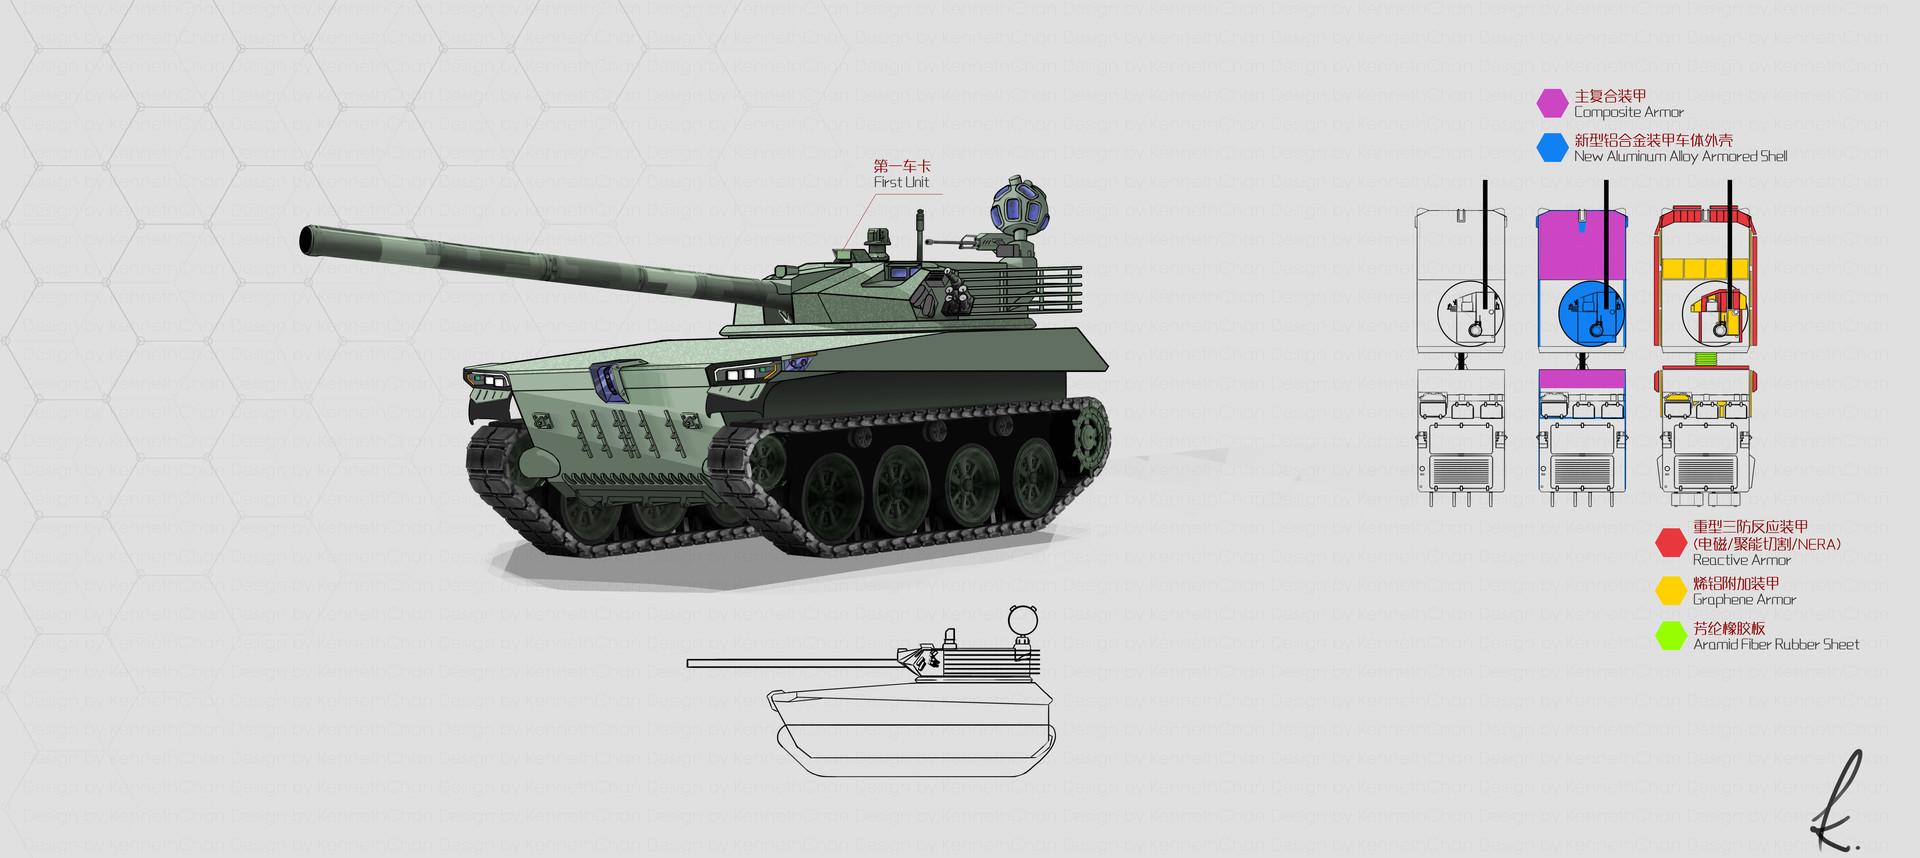 Articulated 4 Gen Main Battle Tank